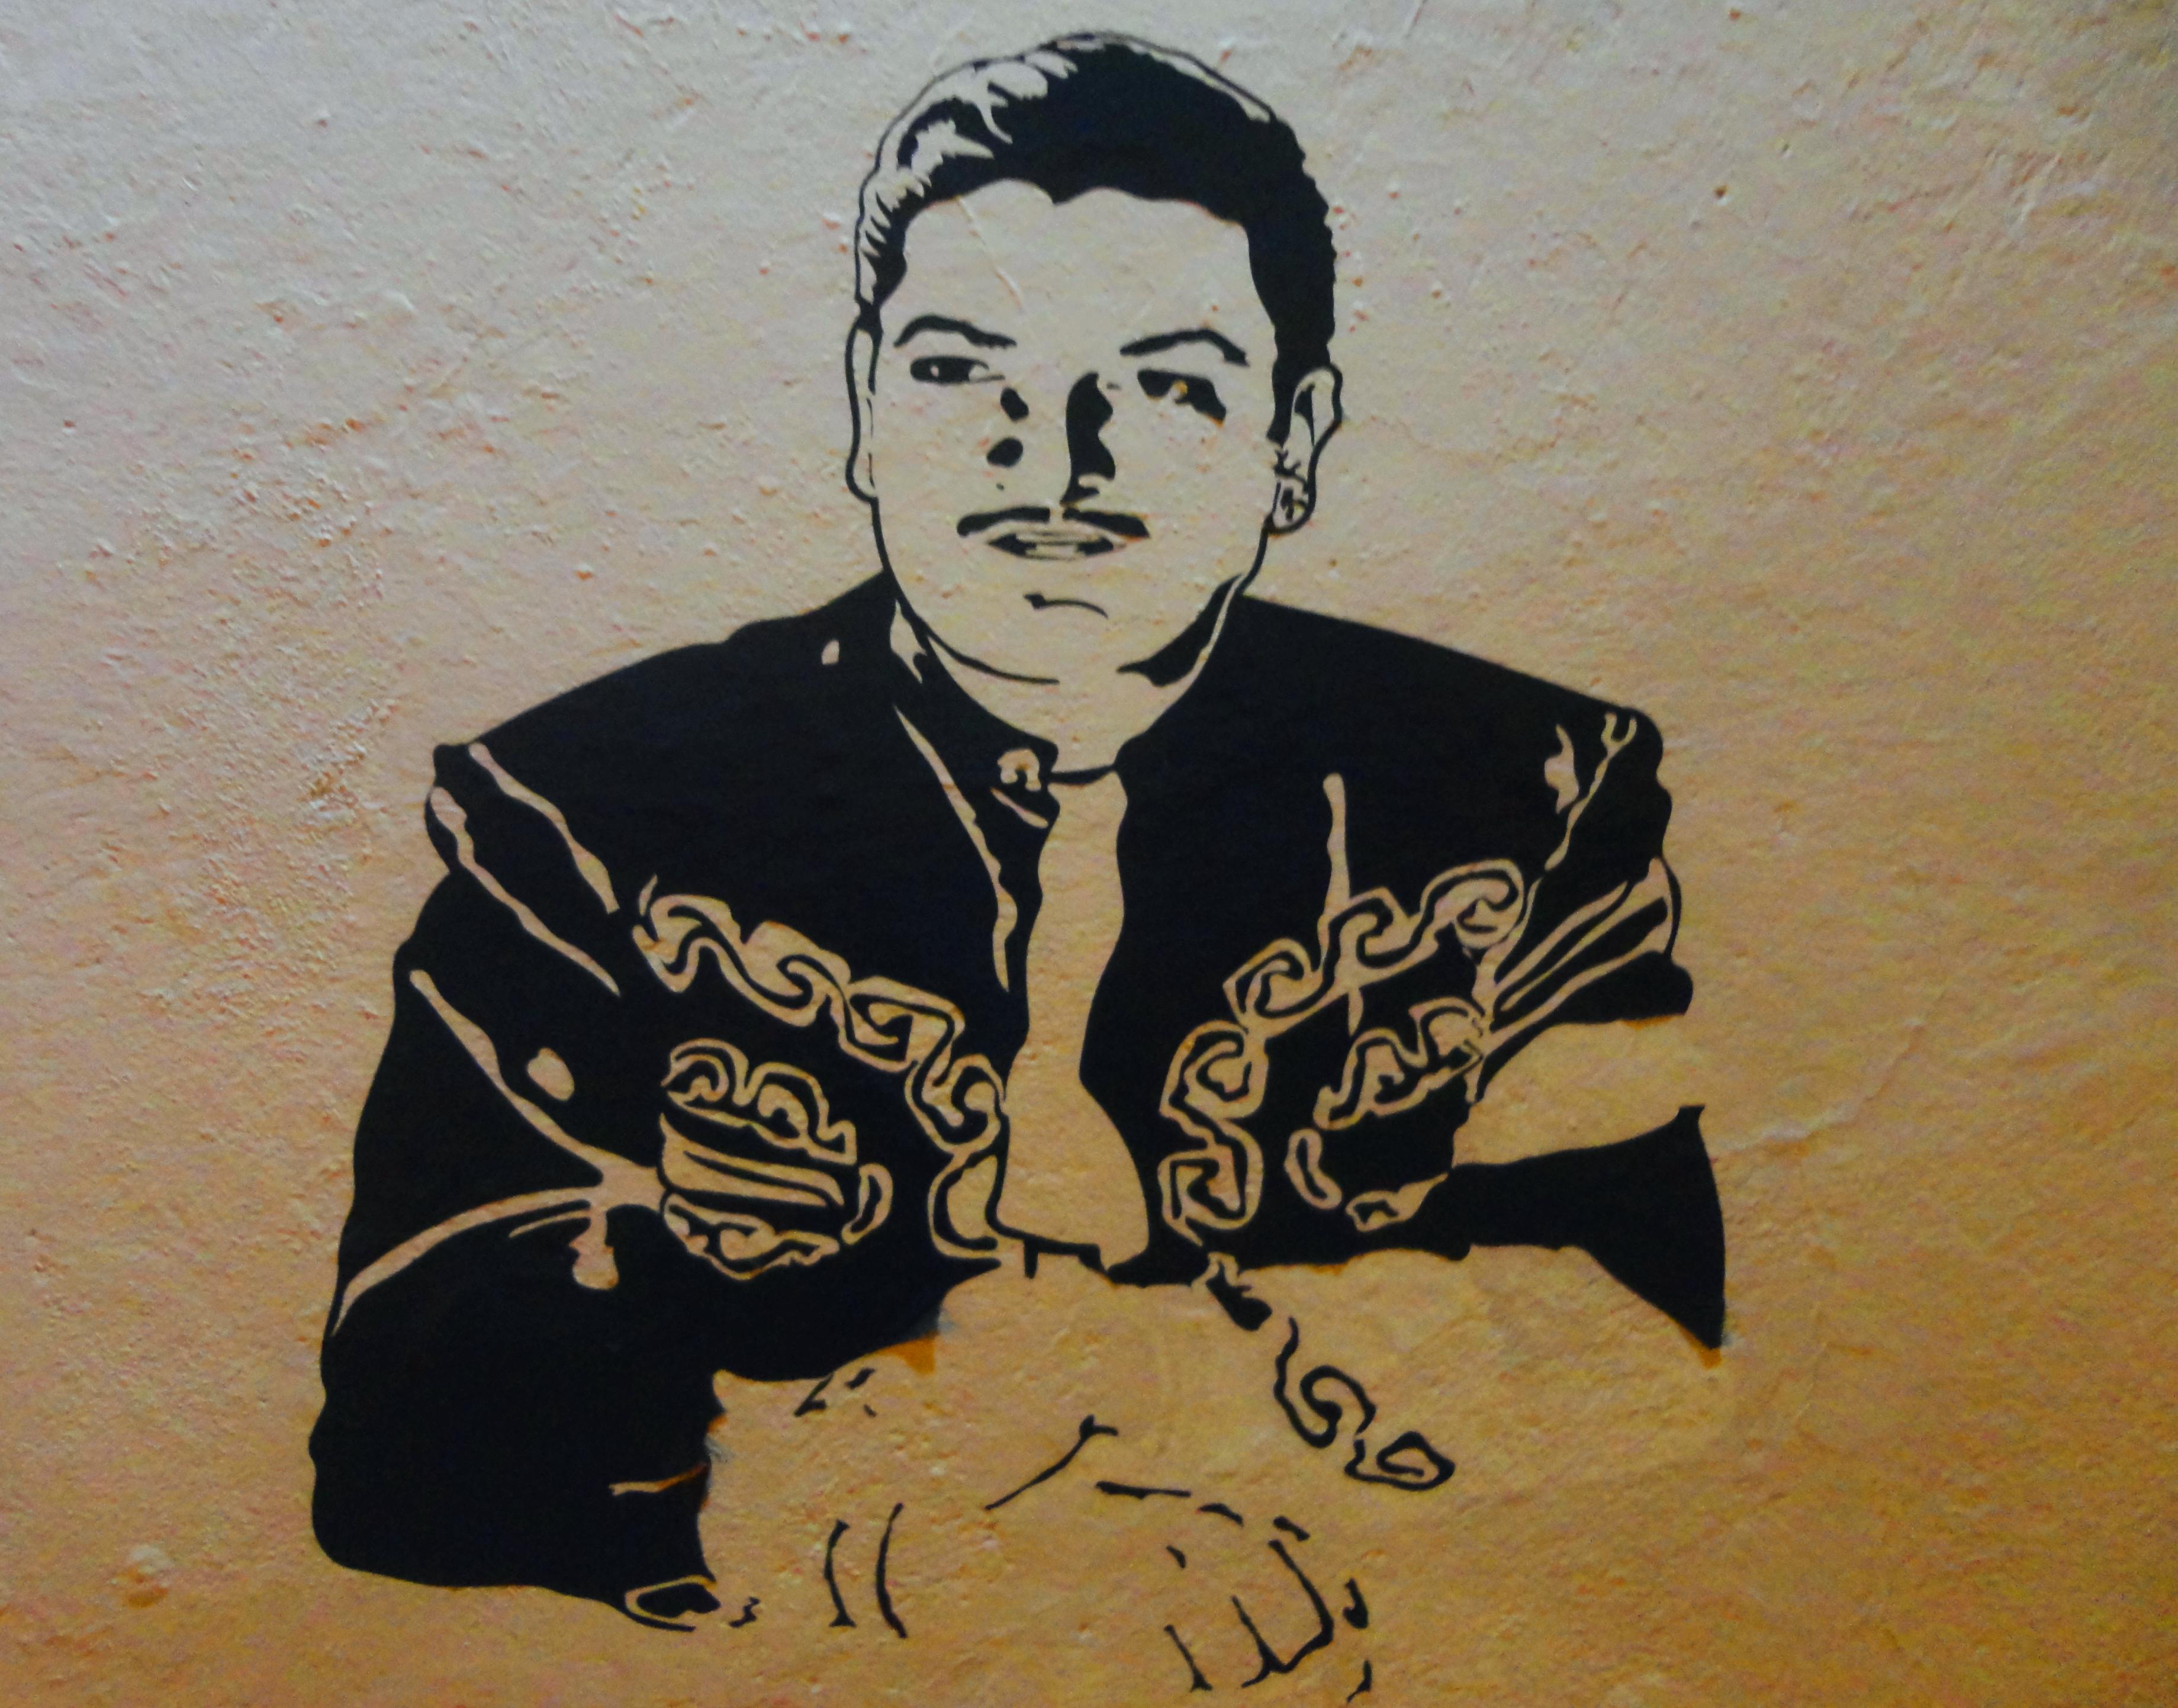 Jiménez in the 1970's